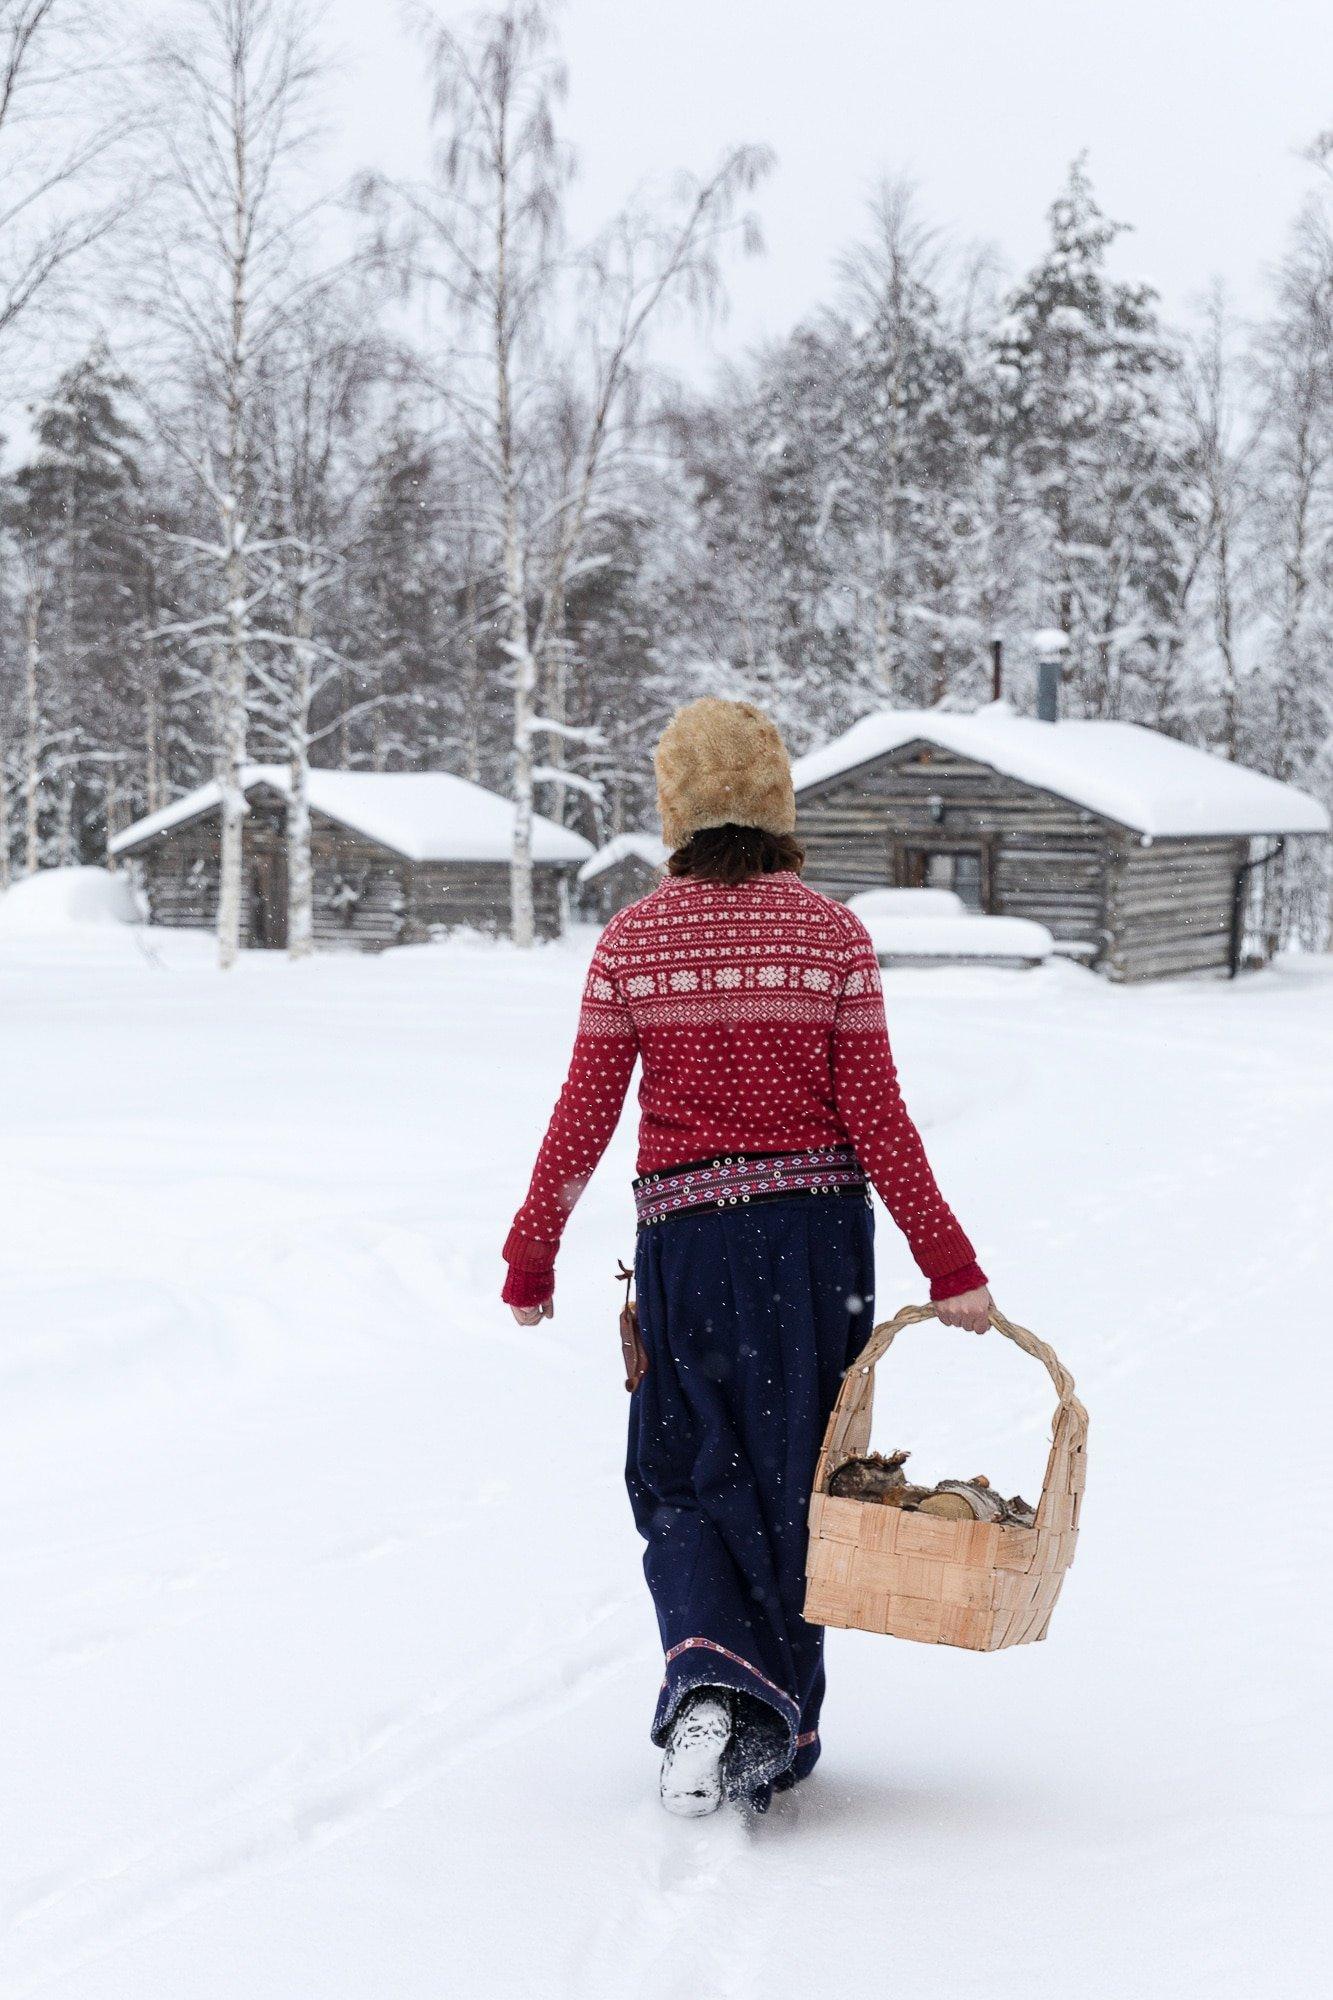 Isonkenkäisten Klubi punainen villapaita puukori talvimaisemassa